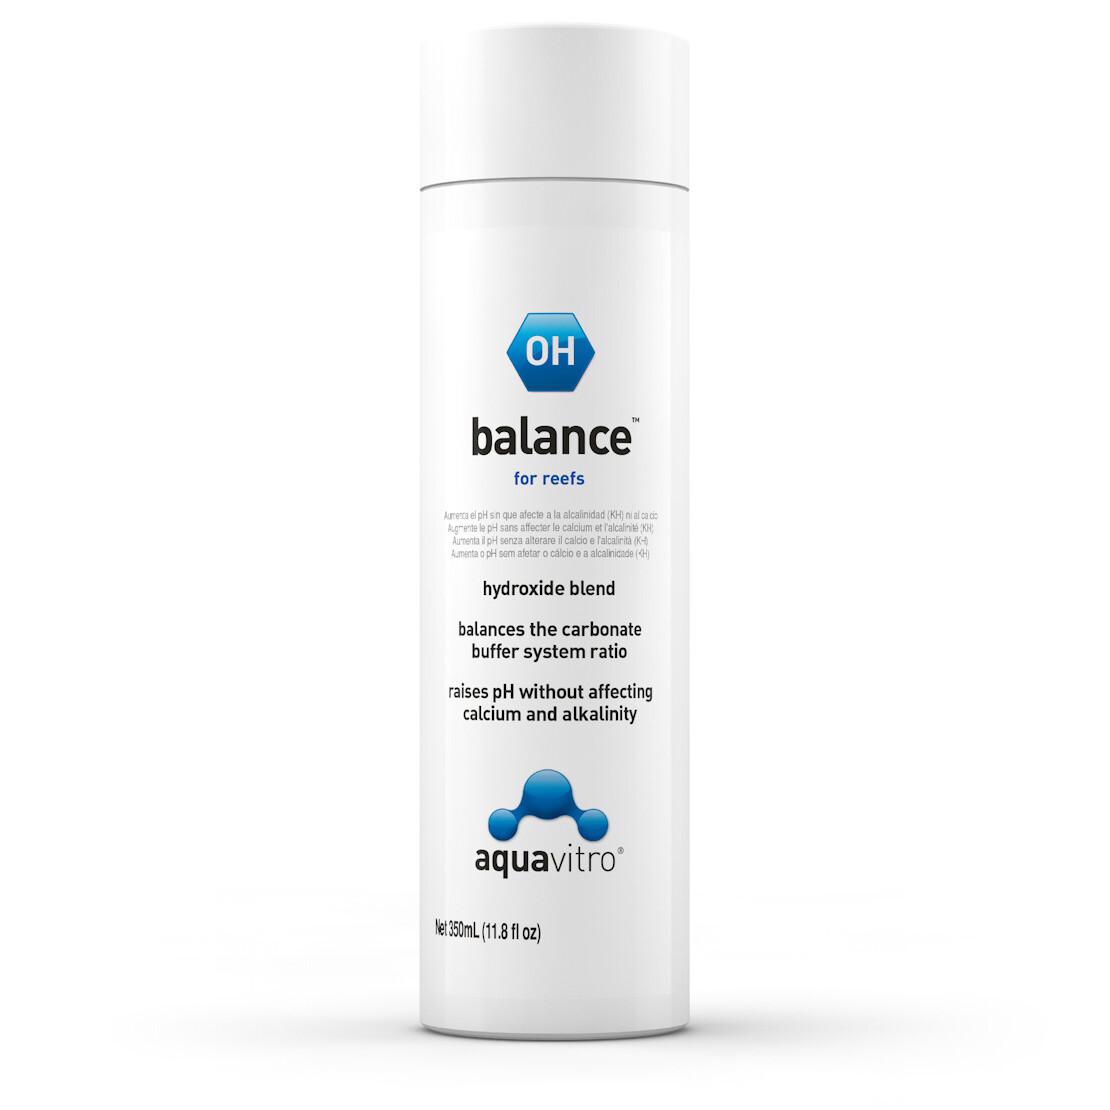 AquaVitro Balance 350ml